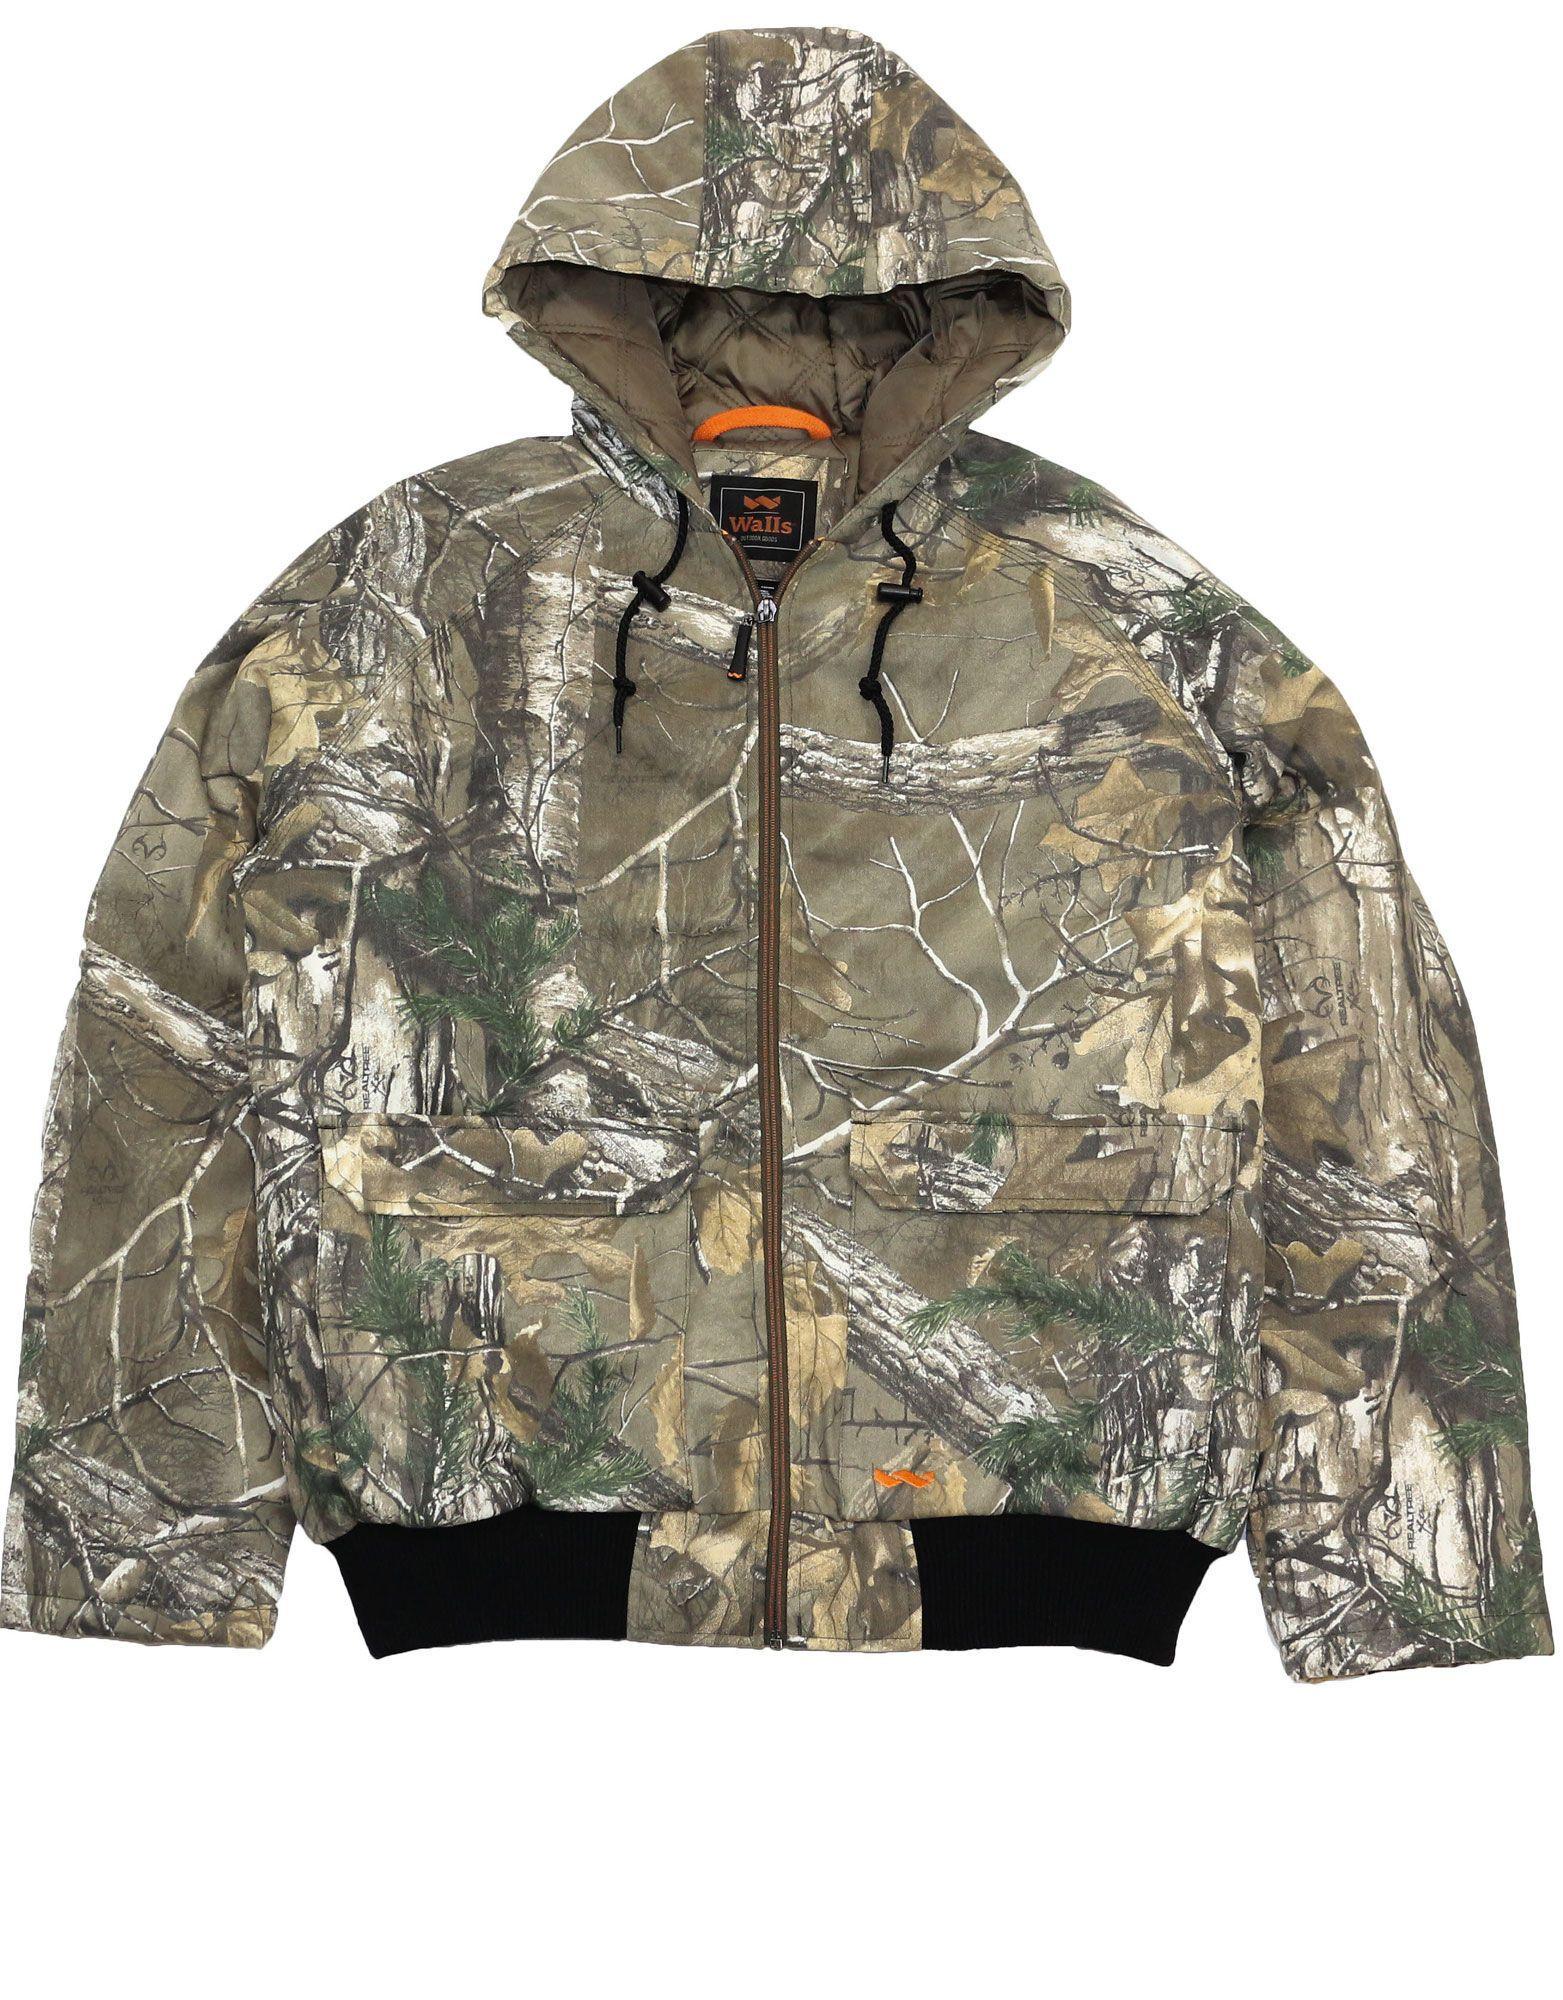 Ins Bomber Jacket